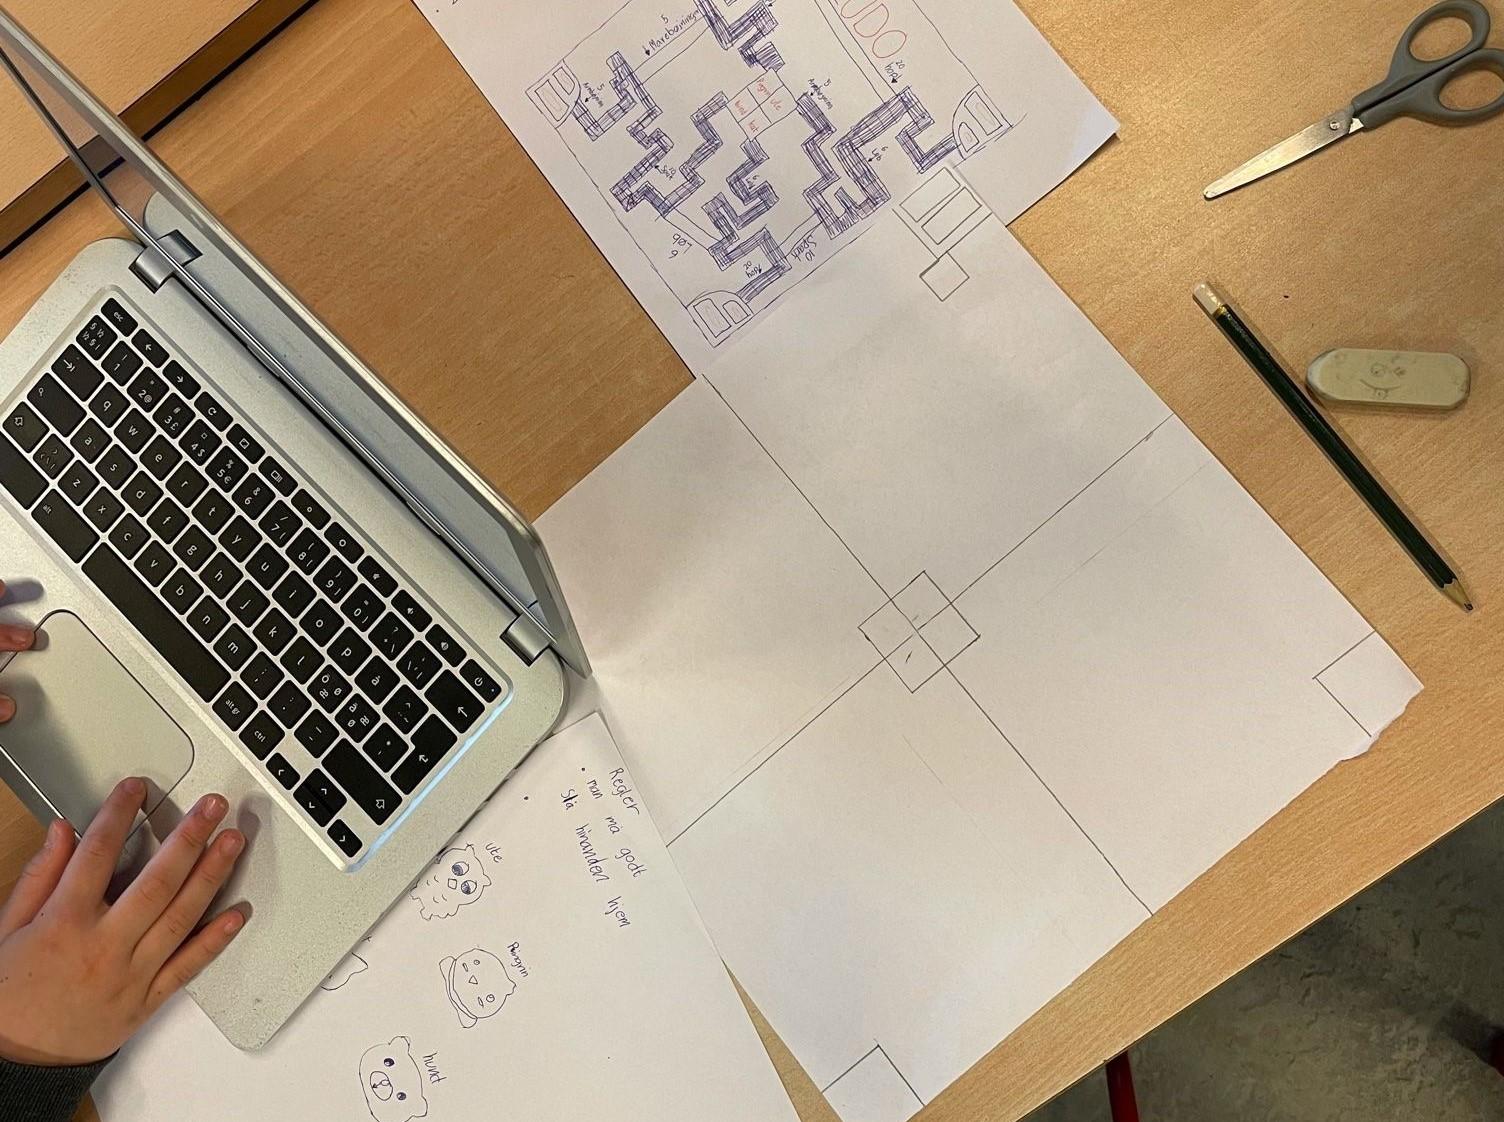 Elev arbejder ved computer; har skitser til design af eget spil liggende på bordet